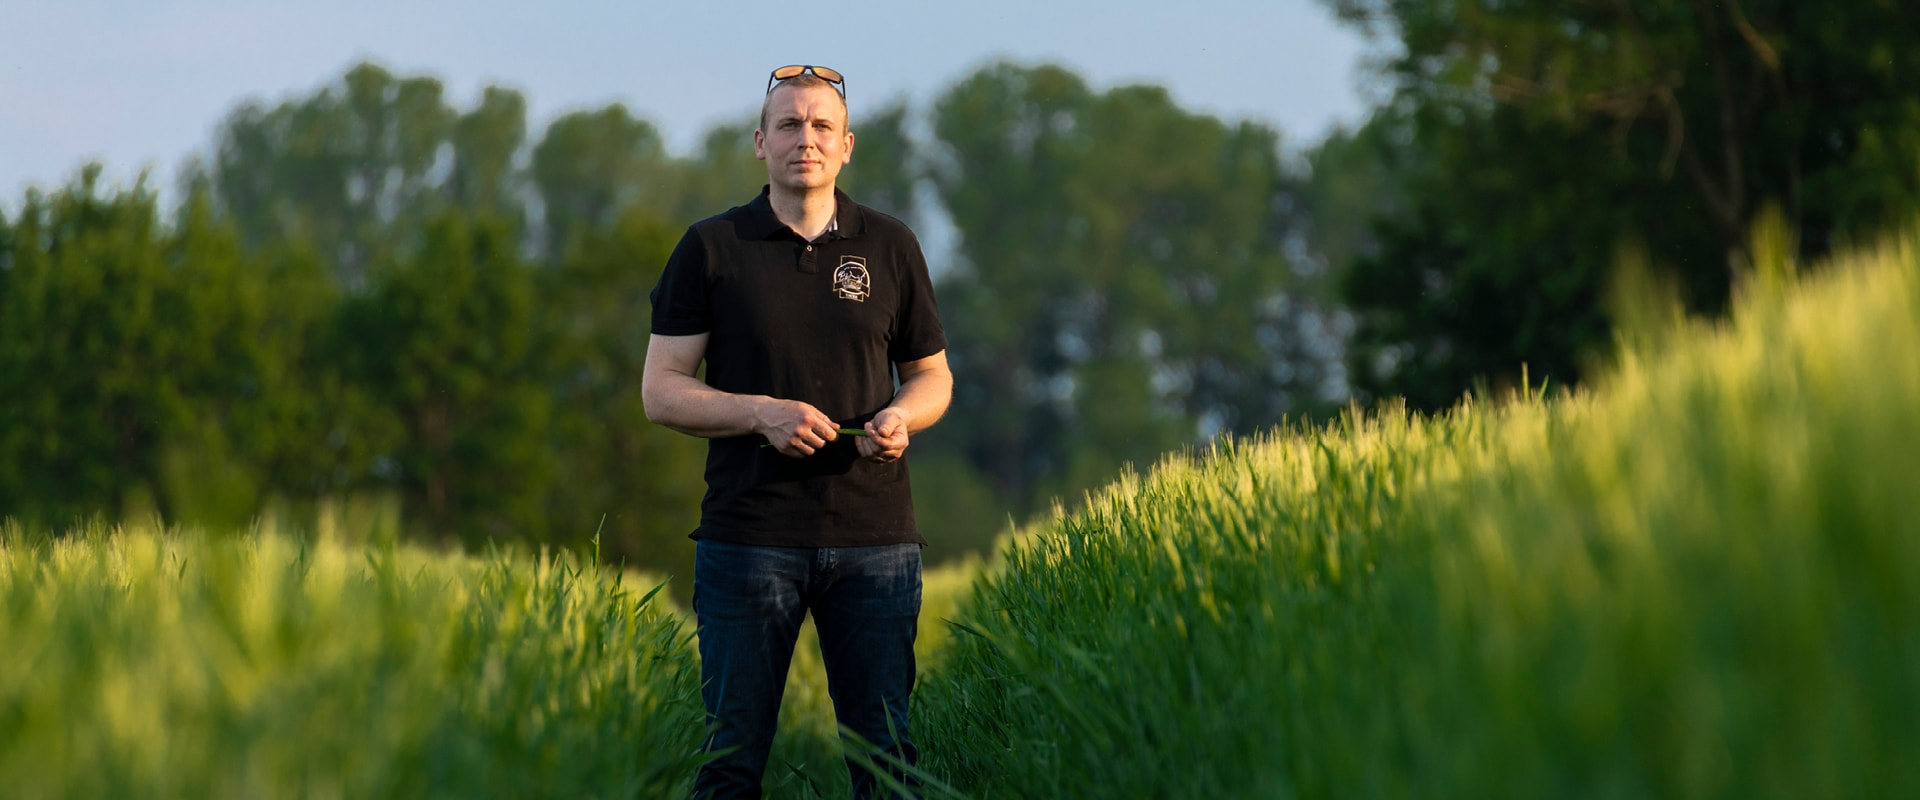 Der Fleischglück-Podcast #18 mit Christian Vincke: Offene Worte eines Schweinezüchters